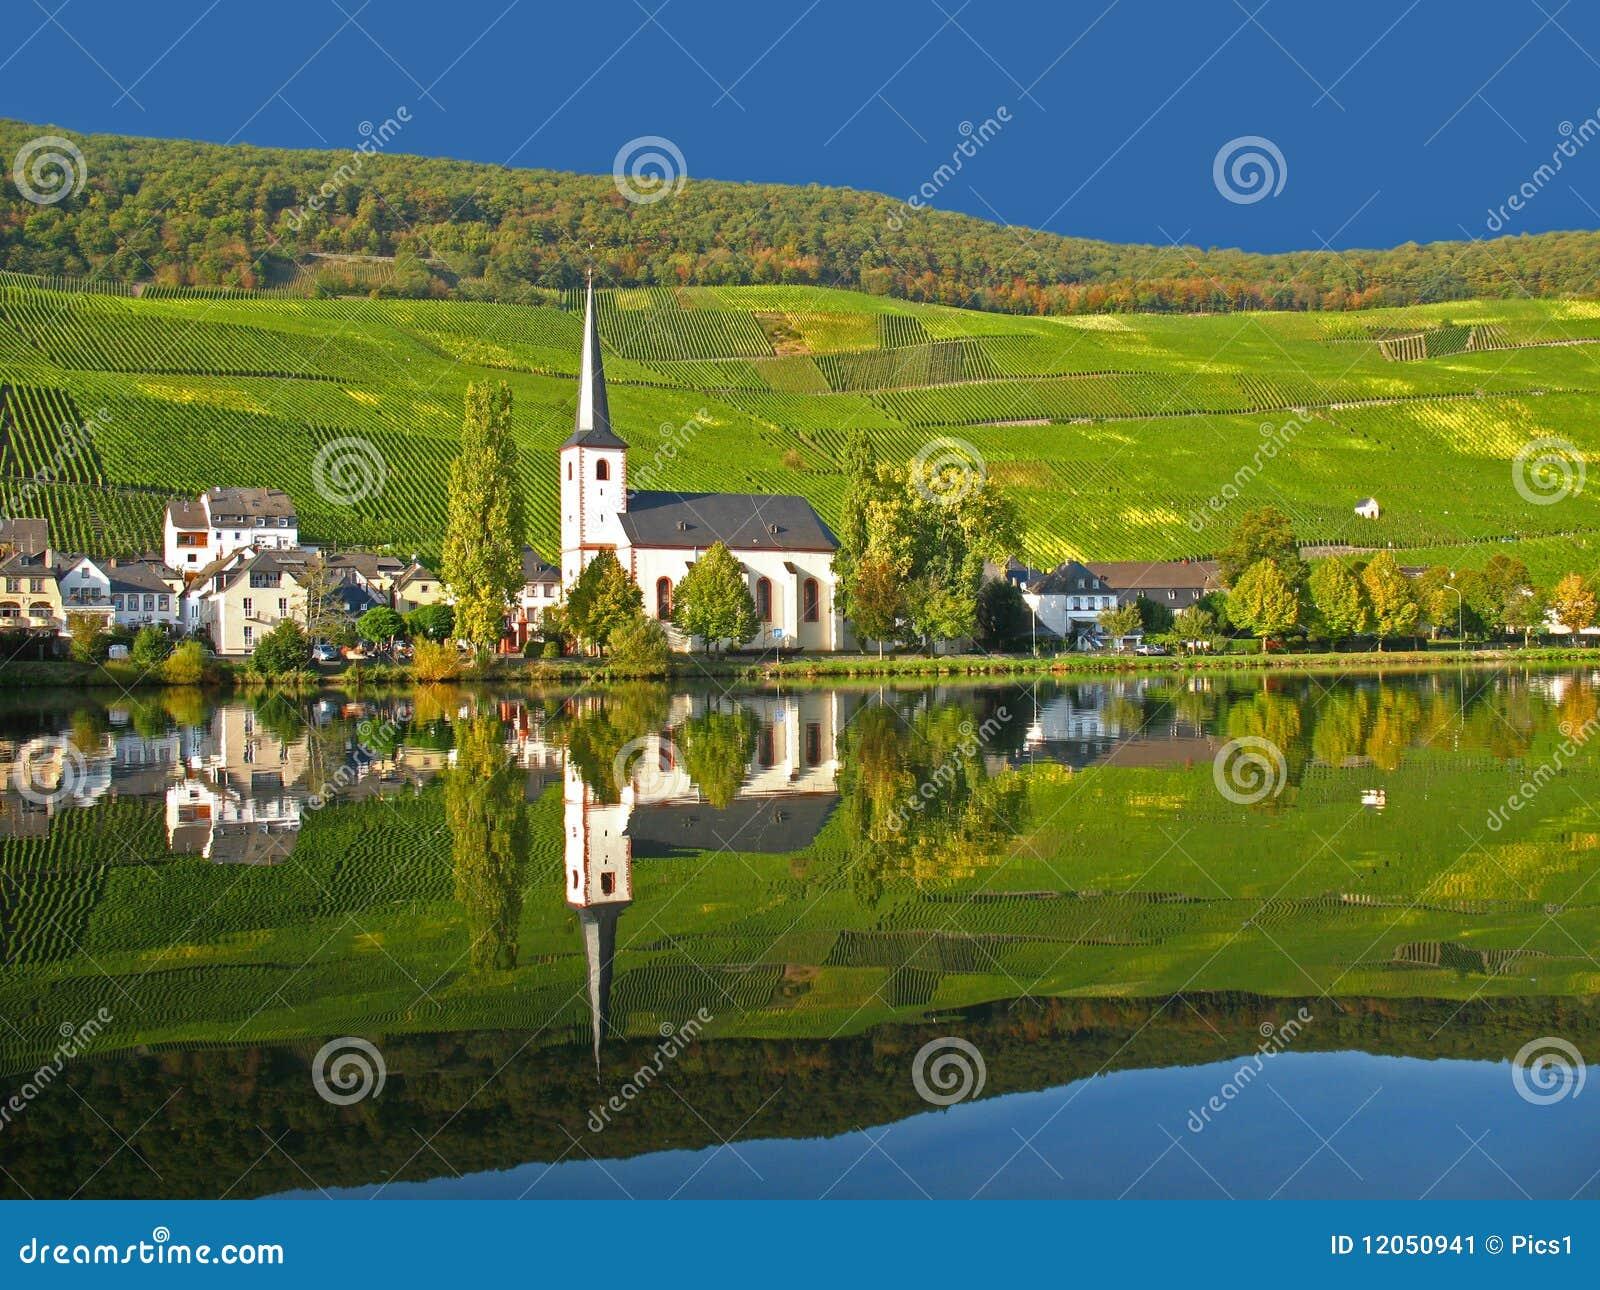 Het dorp van de wijn in de Moezel